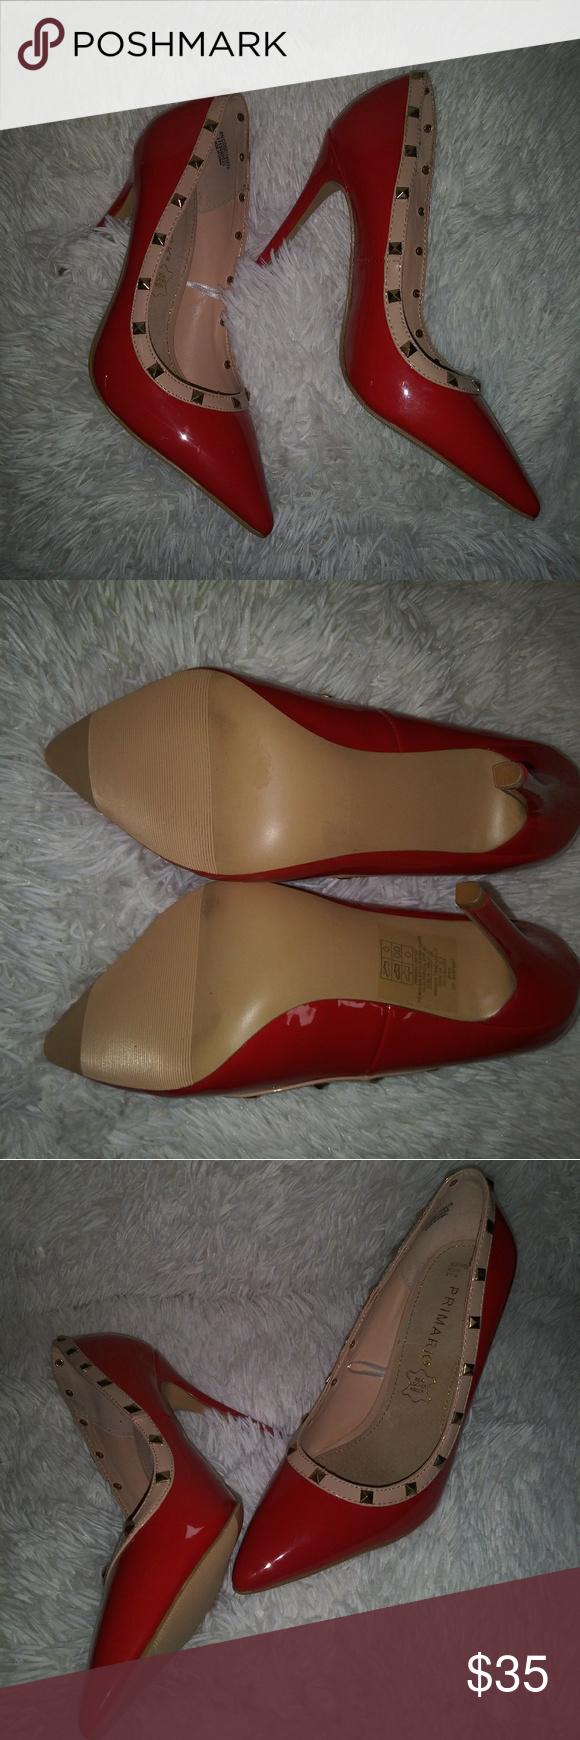 Primark Red And Tan Heels Size 8 Tan Heels Heels Primark Heels